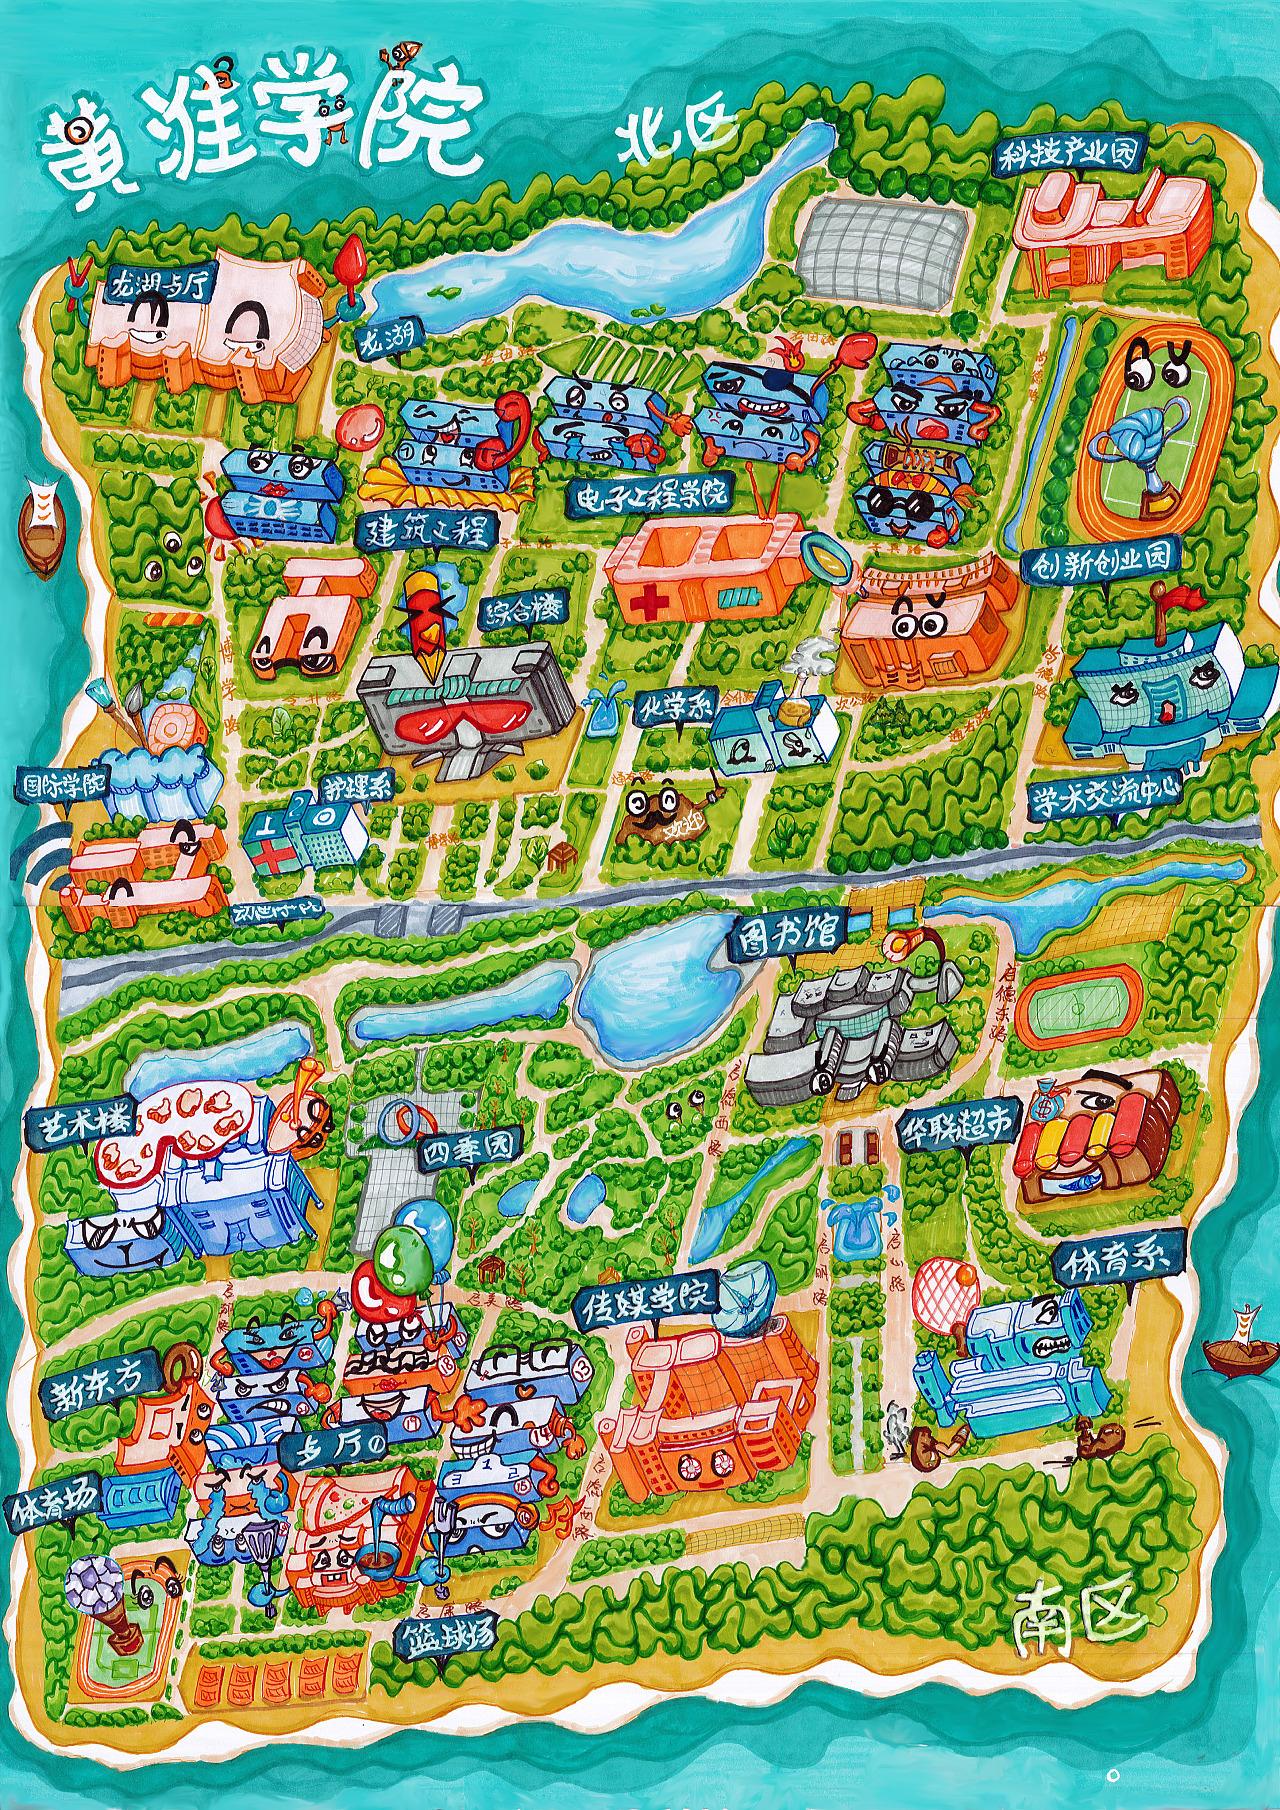 黄淮学院布置地图制作与设计绘制中国地图手绘的要求图片